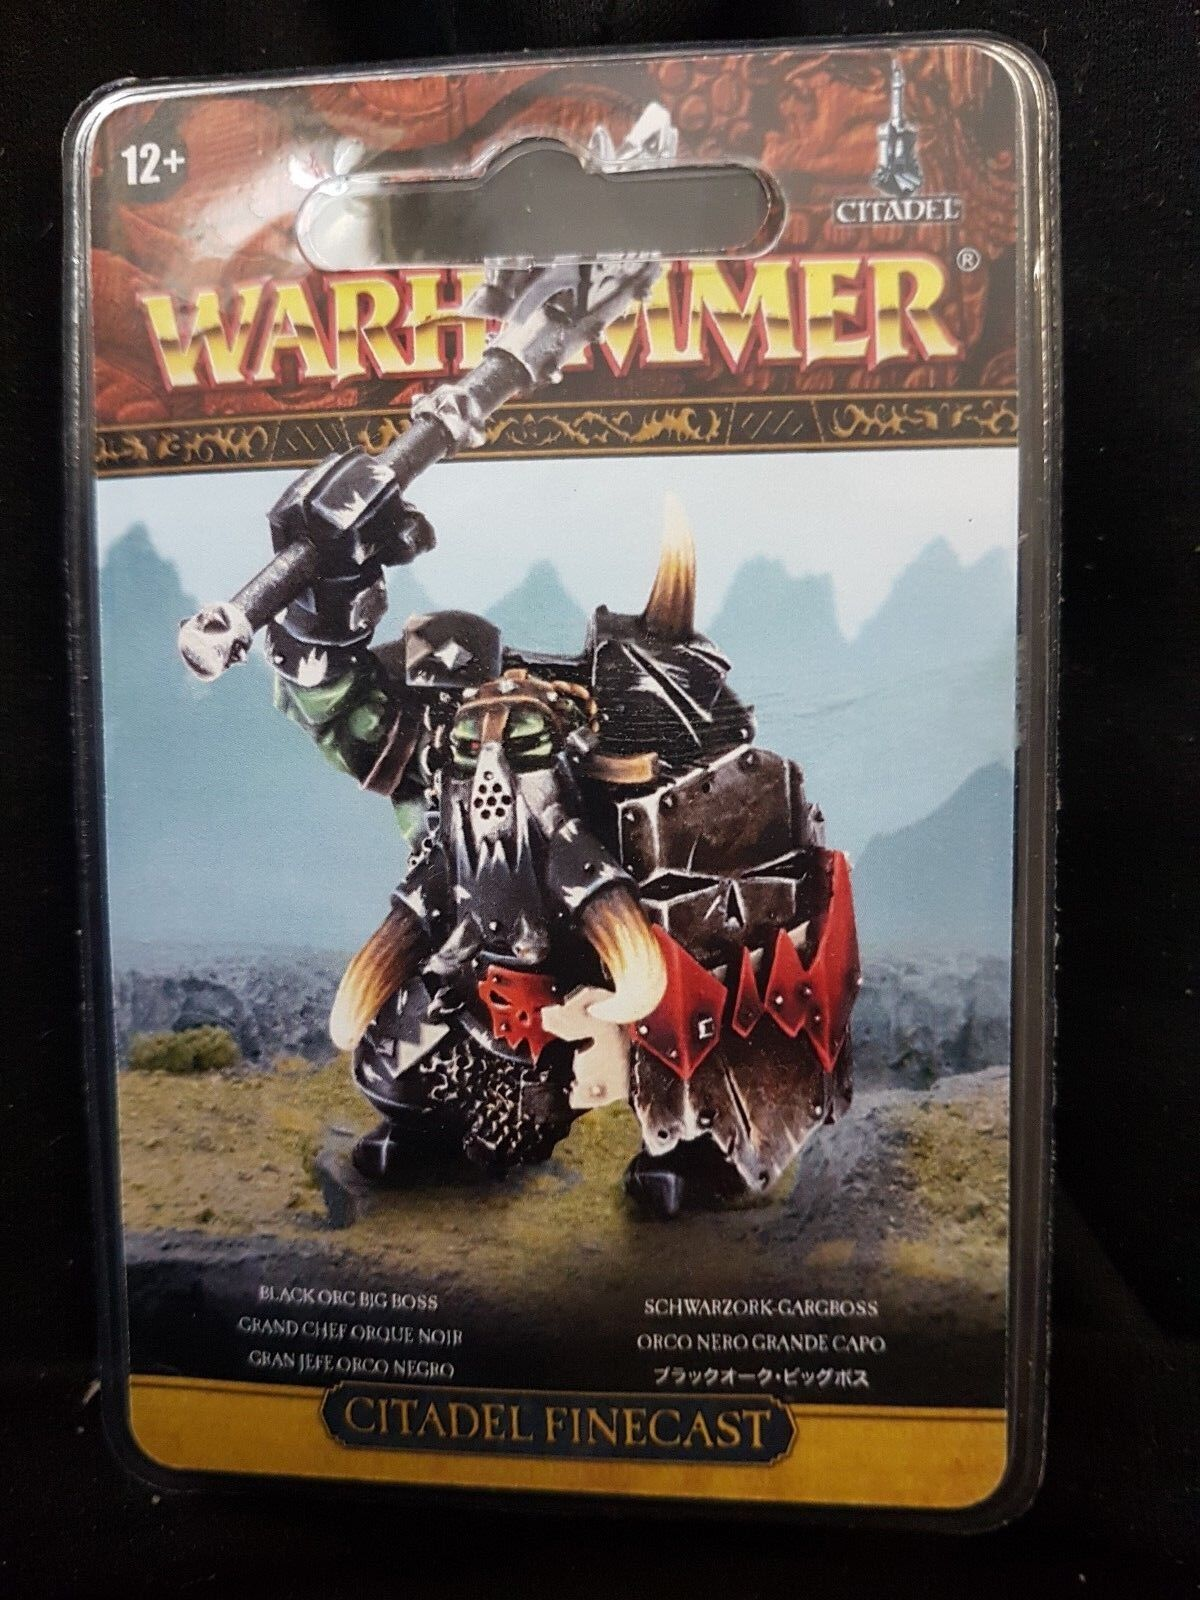 Noir Orc Big Boss Boss Boss - Warhammer Fantaisie Âge de Sigmar - Games Workshop fff4e9